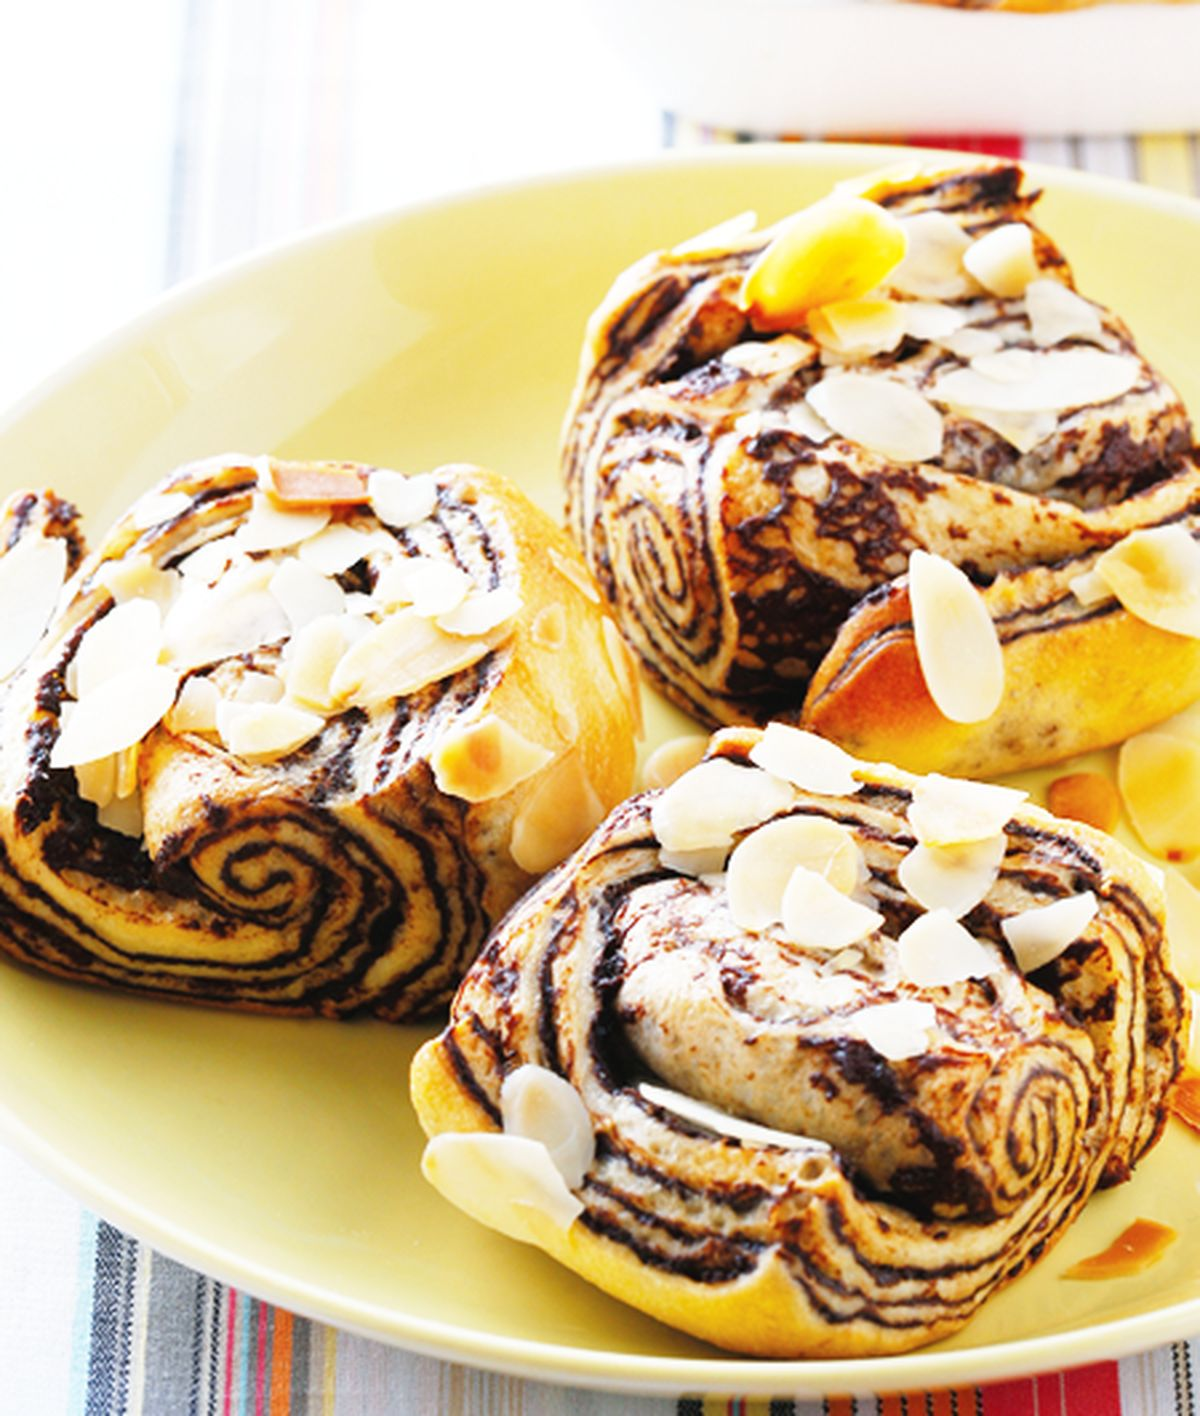 食譜:杏仁咖啡麵包